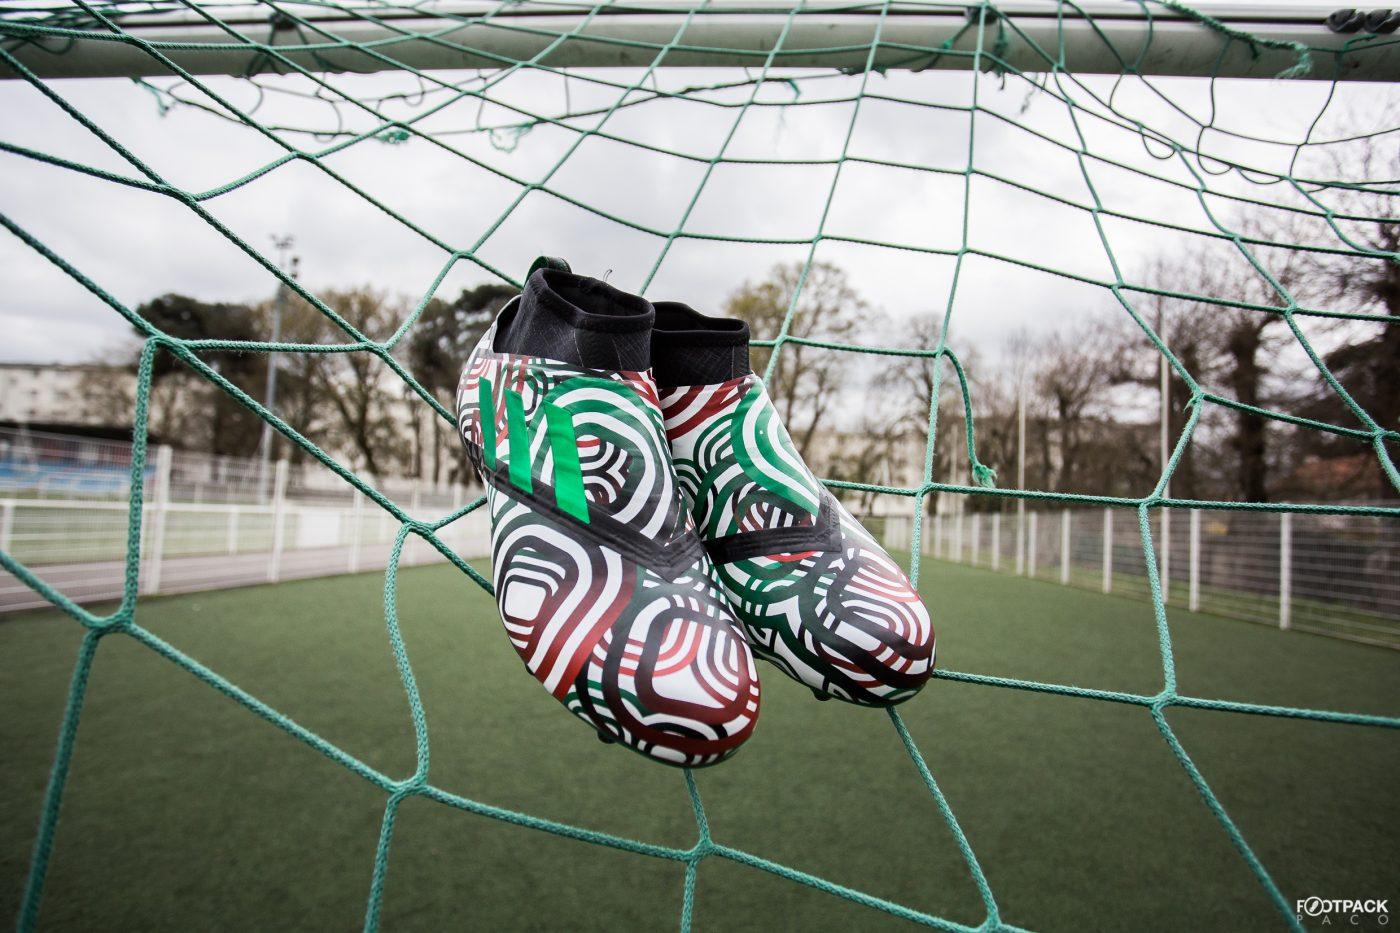 adidas-glitch-number-skin-numberskin-footpack-3